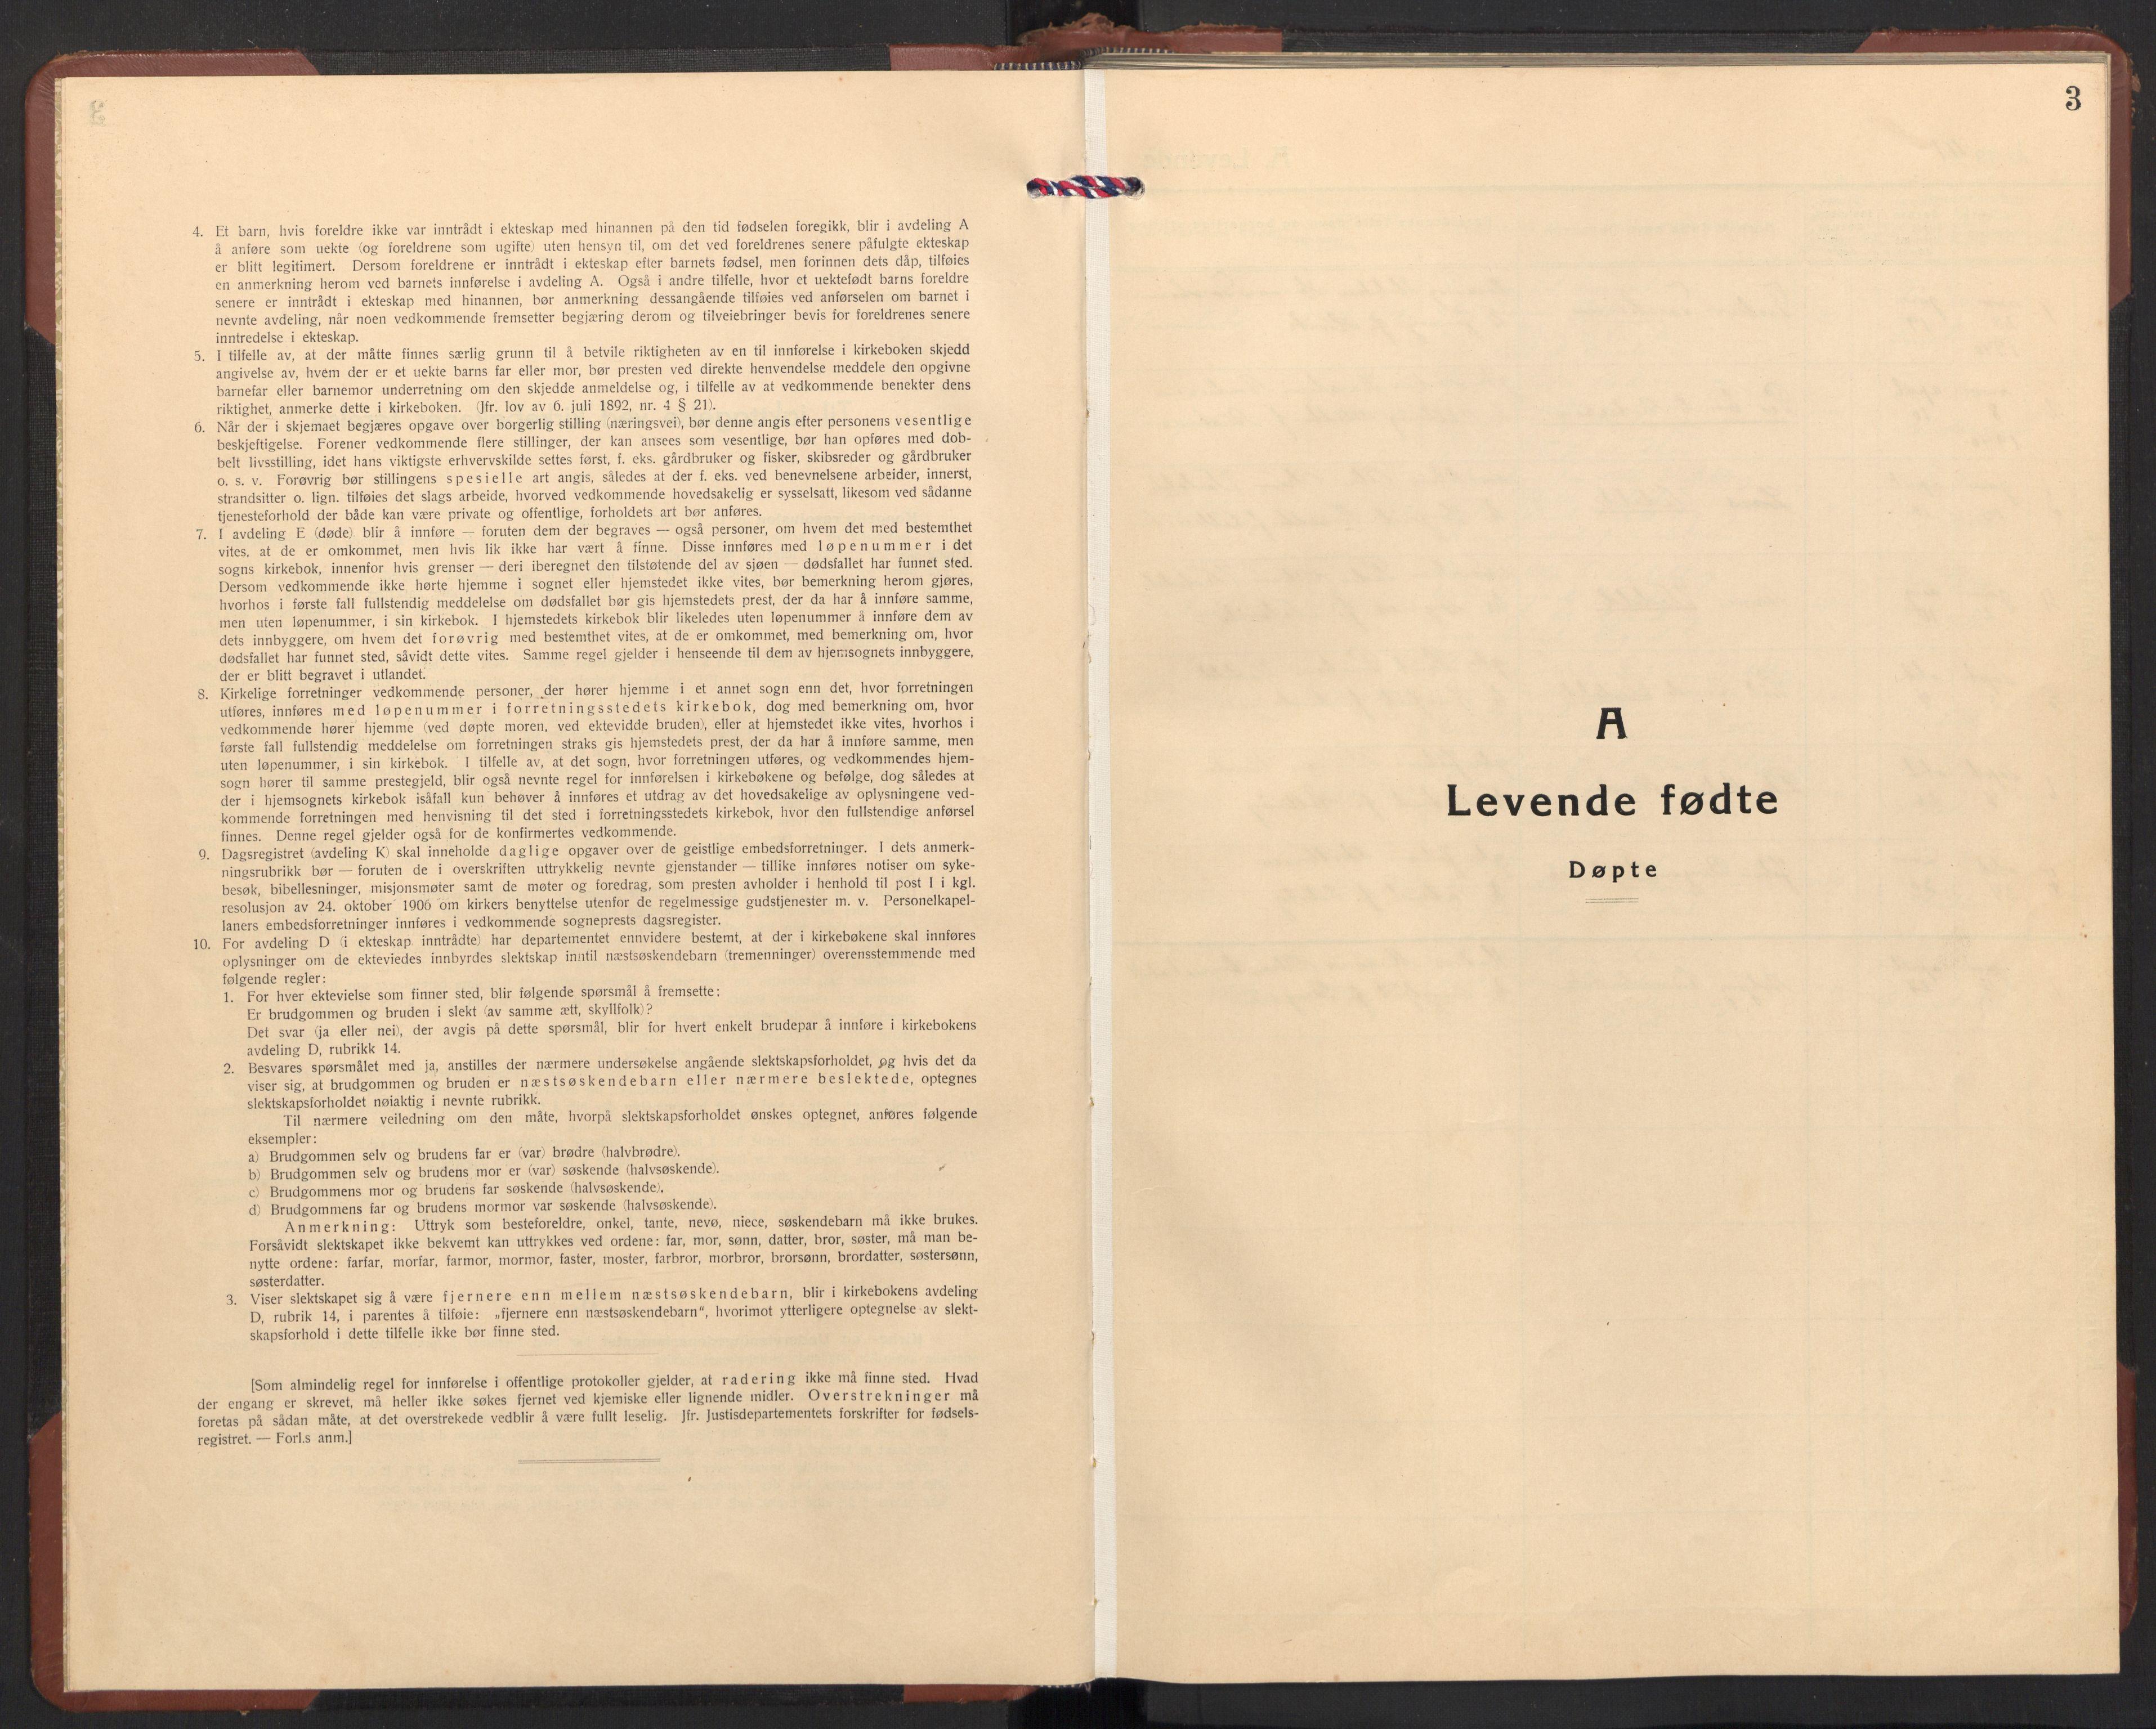 SAT, Ministerialprotokoller, klokkerbøker og fødselsregistre - Møre og Romsdal, 504/L0063: Klokkerbok nr. 504C05, 1939-1972, s. 3